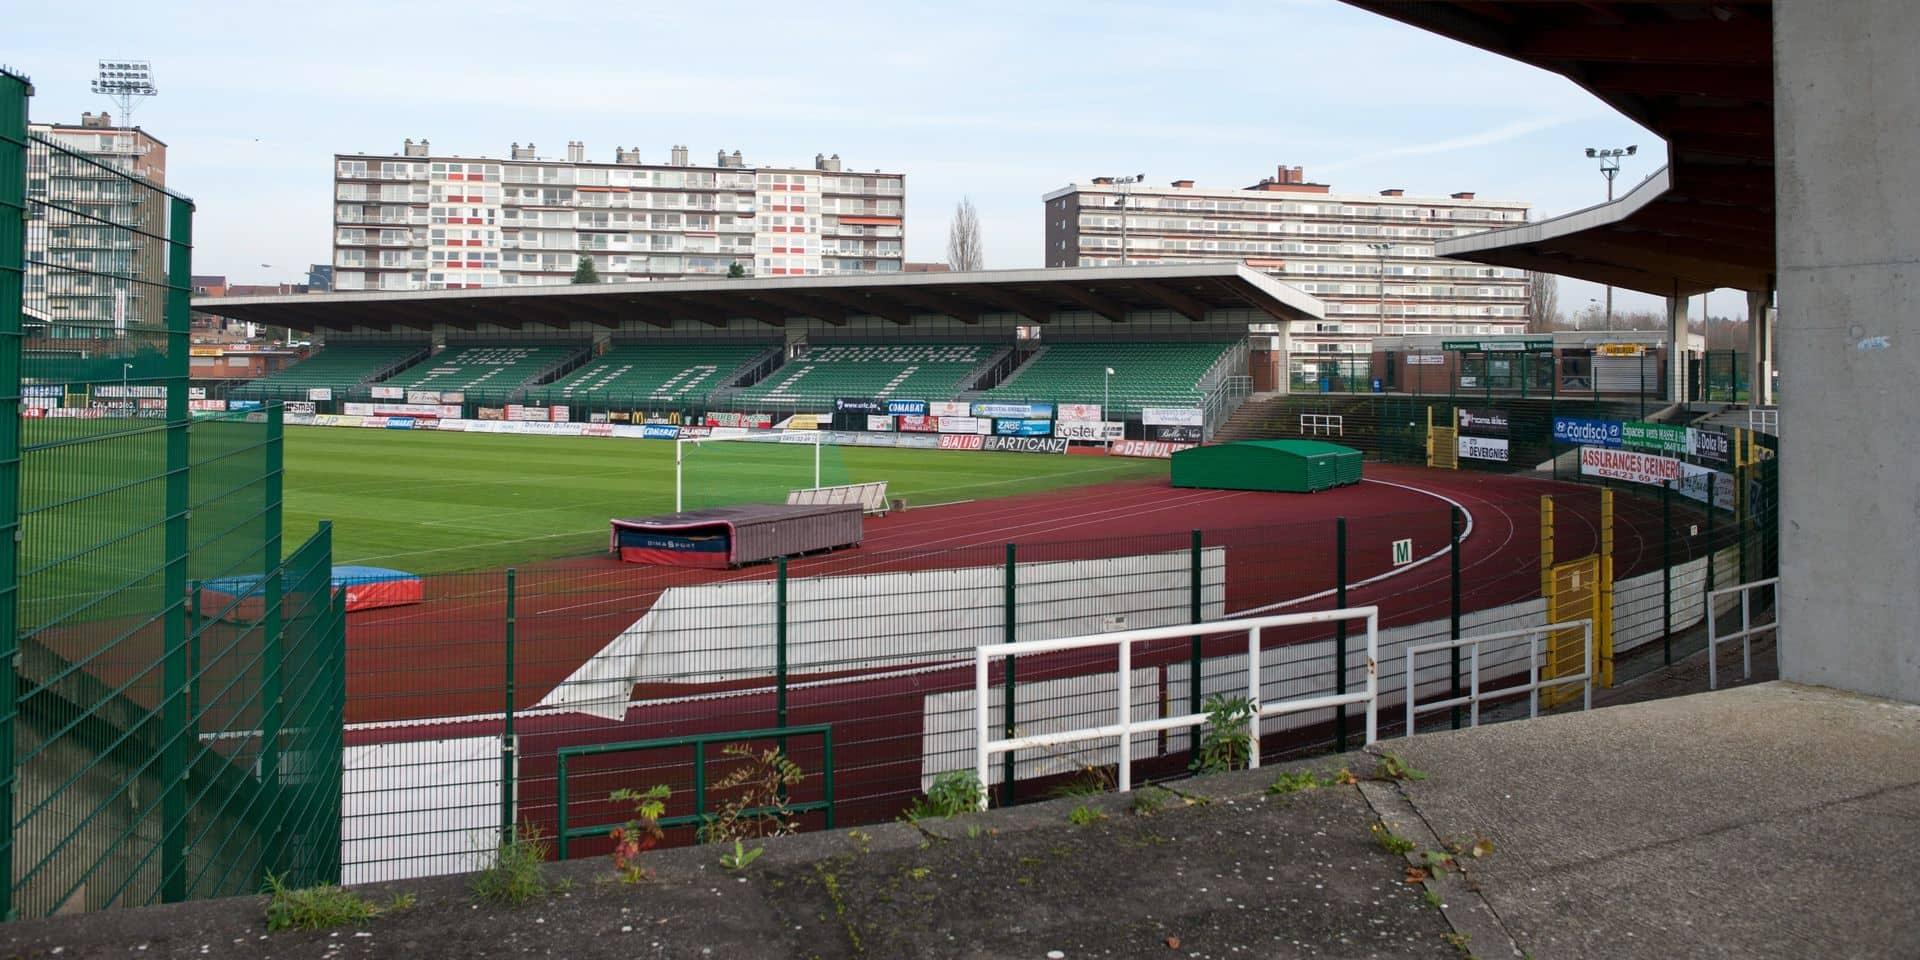 Construction d'un centre d'athlétisme à La Louvière: la ville jette son dévolu sur le stade Tivoli